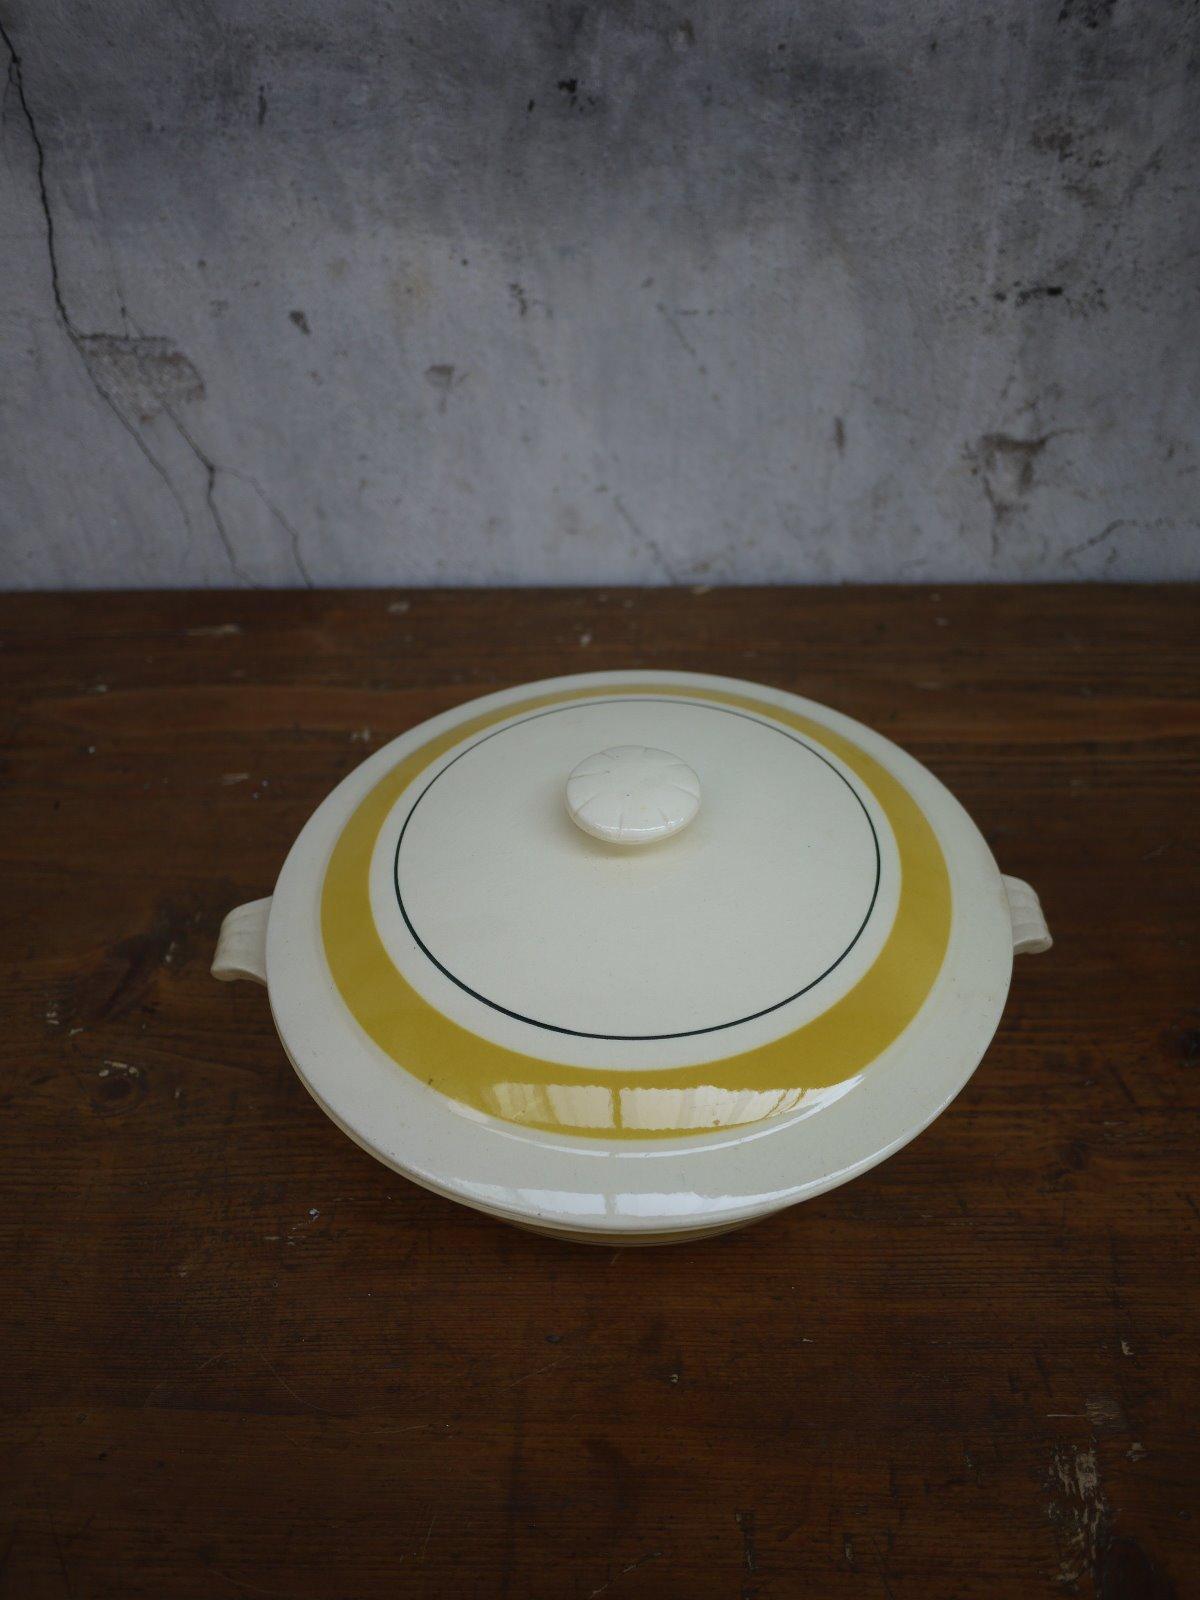 http://myshop.s3-external-3.amazonaws.com/shop4613300.pictures.366.jpg